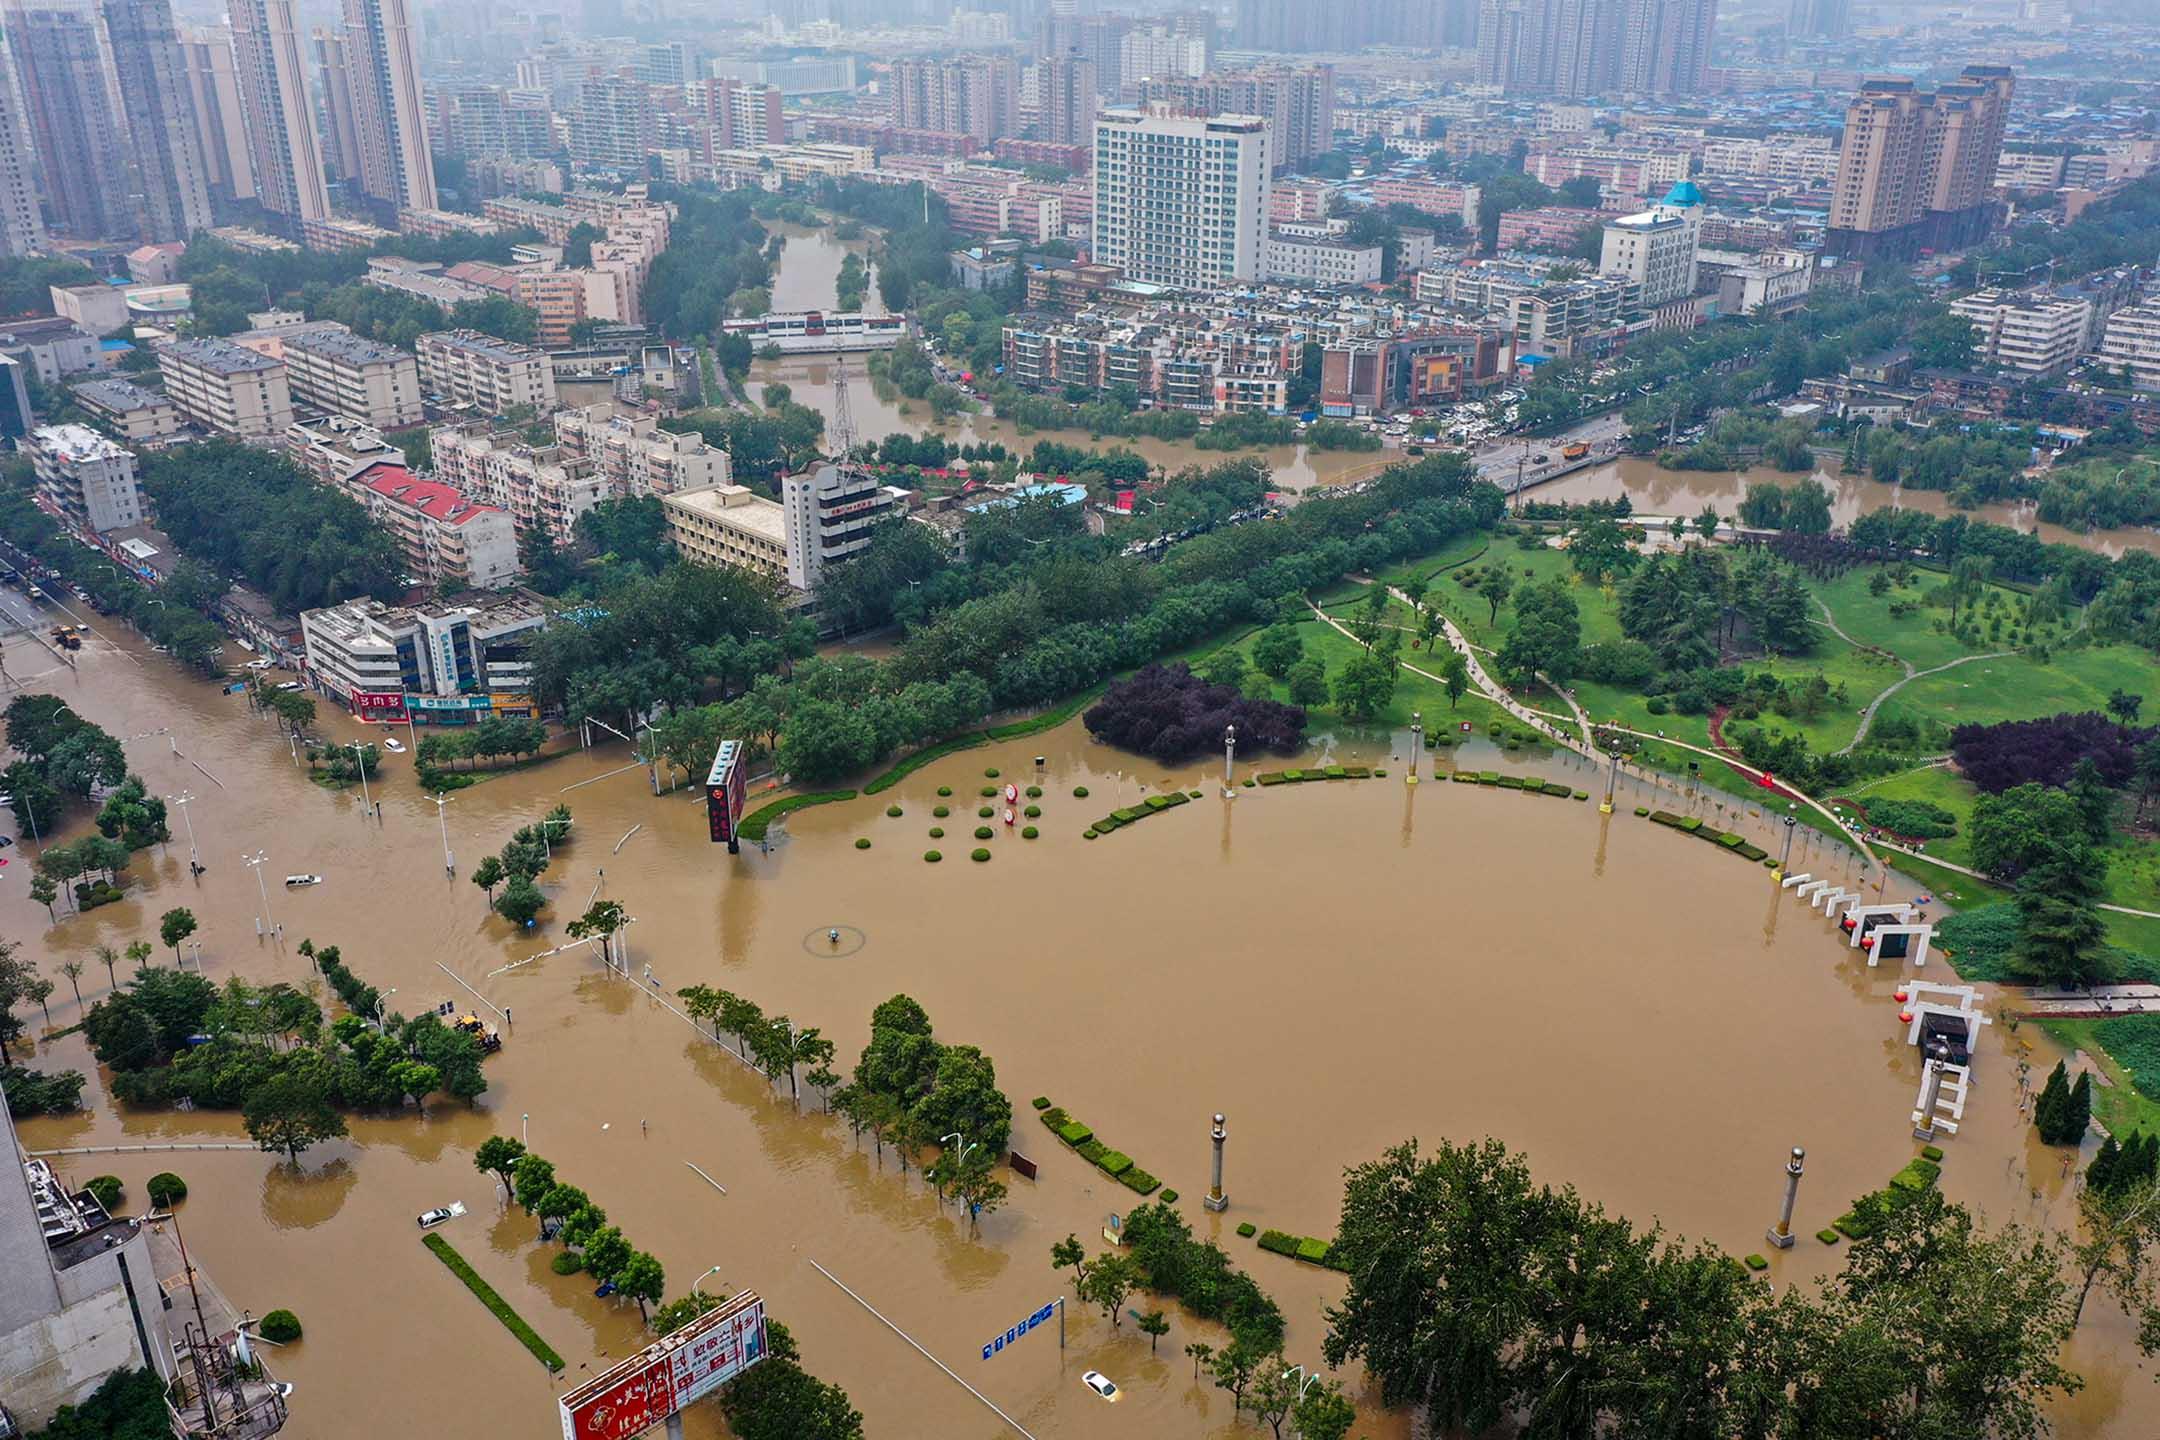 2021年7月23日中國河南省新鄉,暴雨後被洪水淹没的城市。